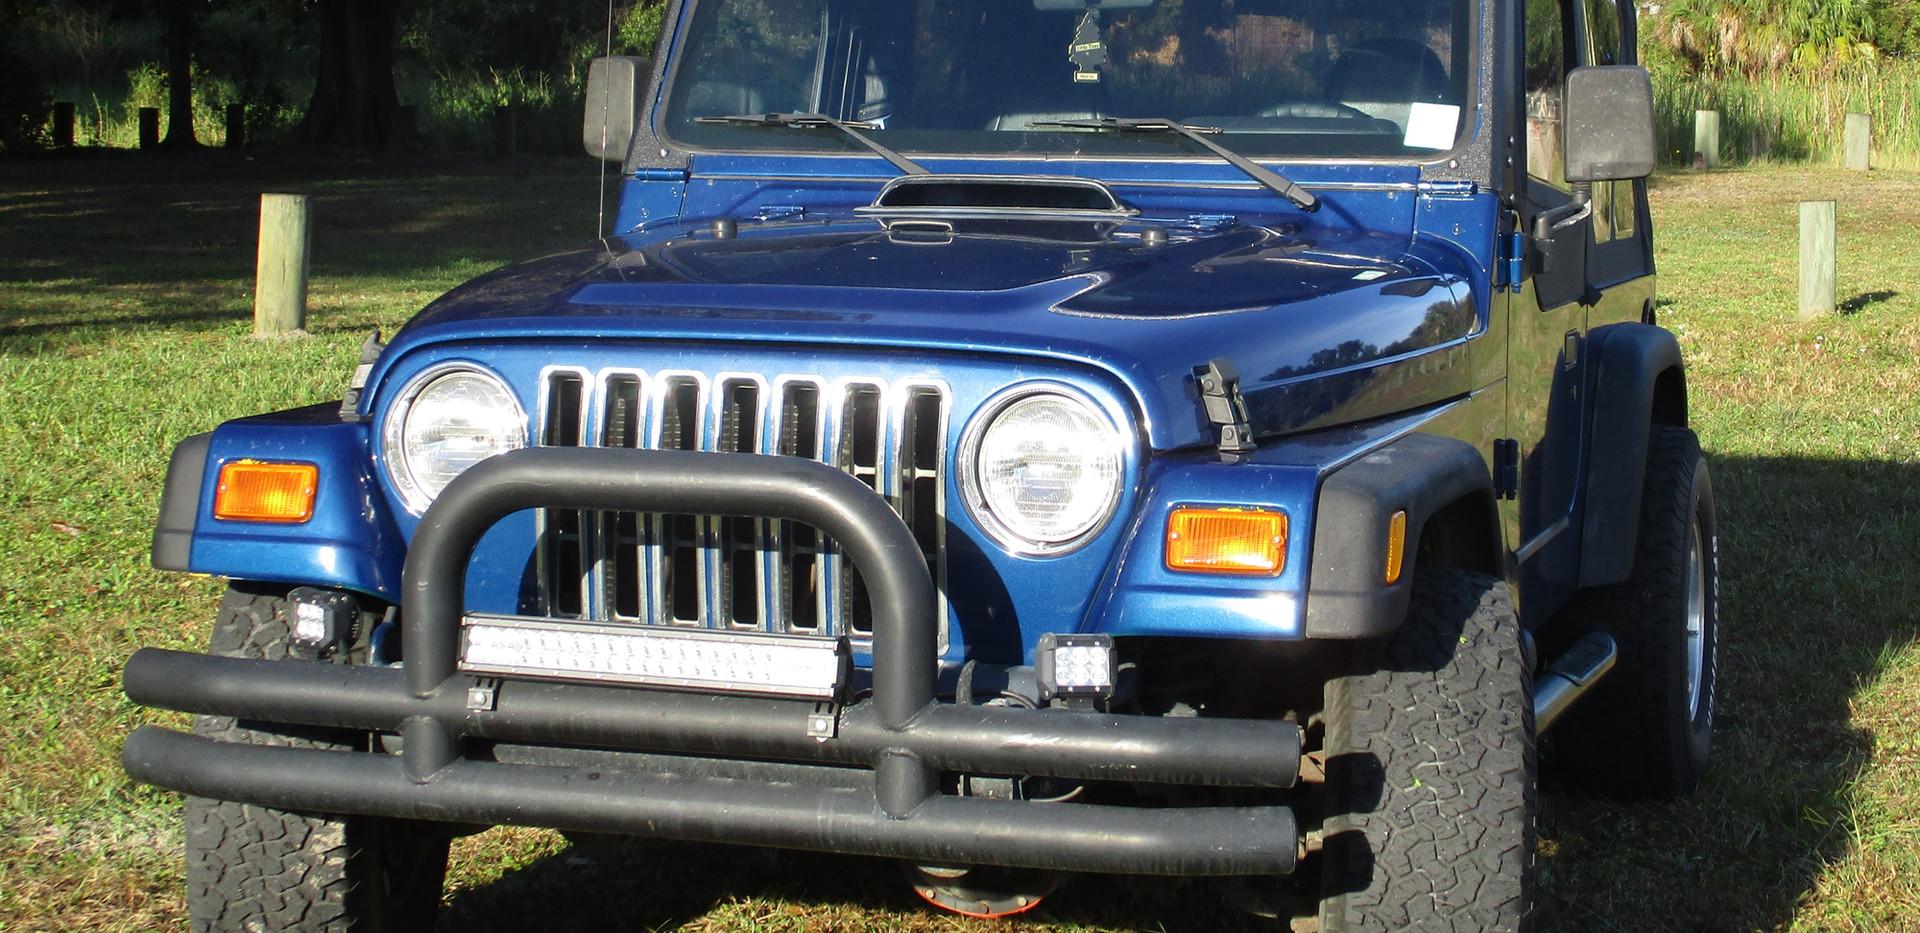 1997 Jeep sport